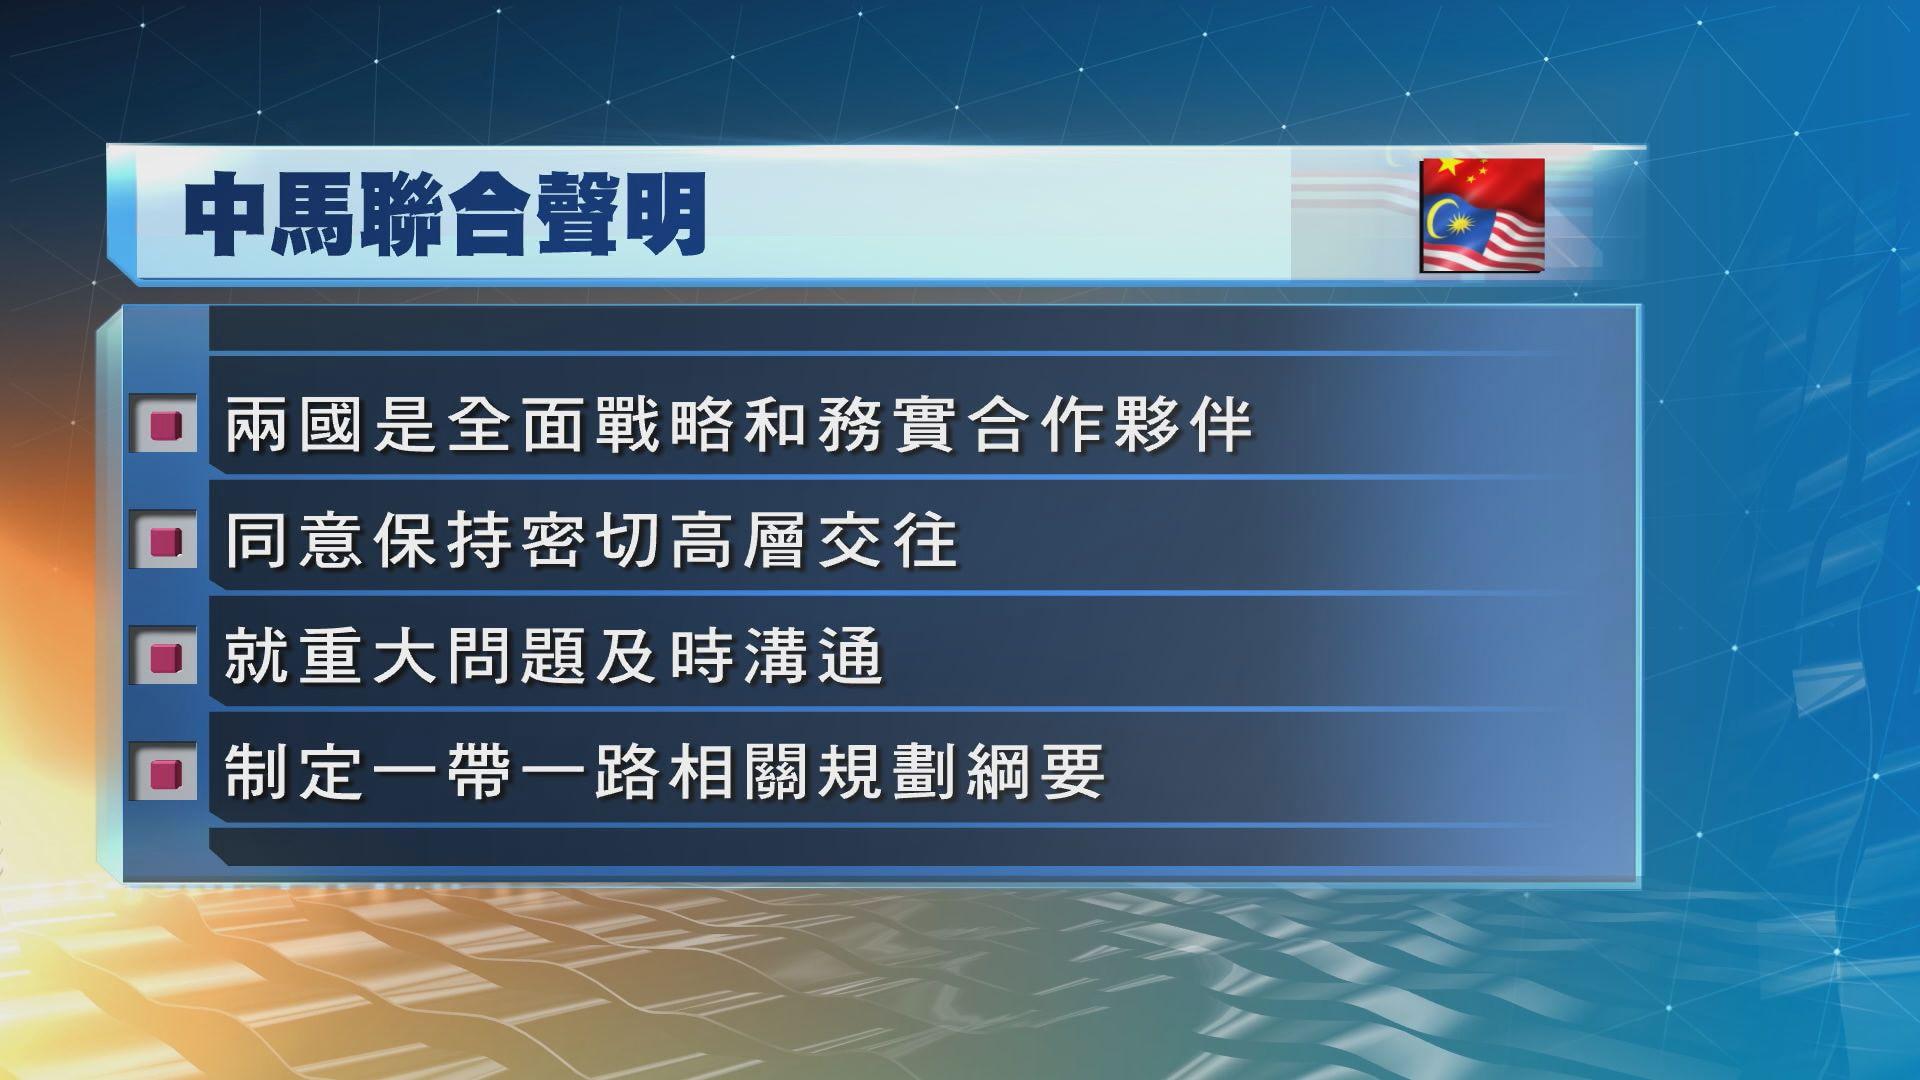 中國及馬來西亞同意保持密切高層交往